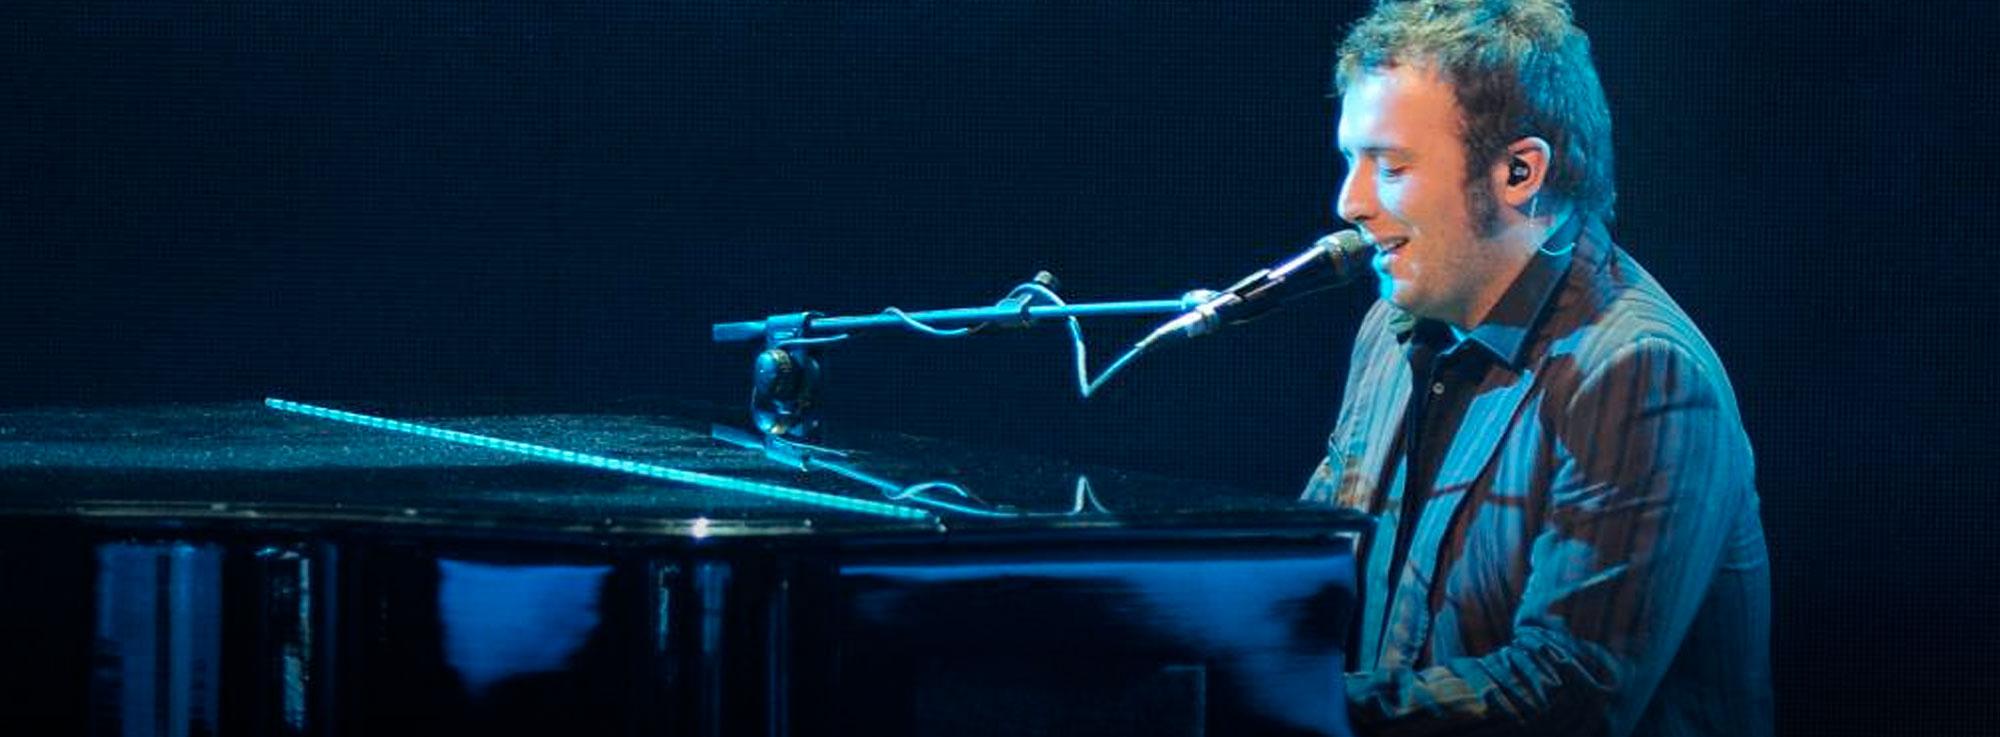 Porto Cesareo: Festival Frontemare - Raphael Gualazzi in concerto